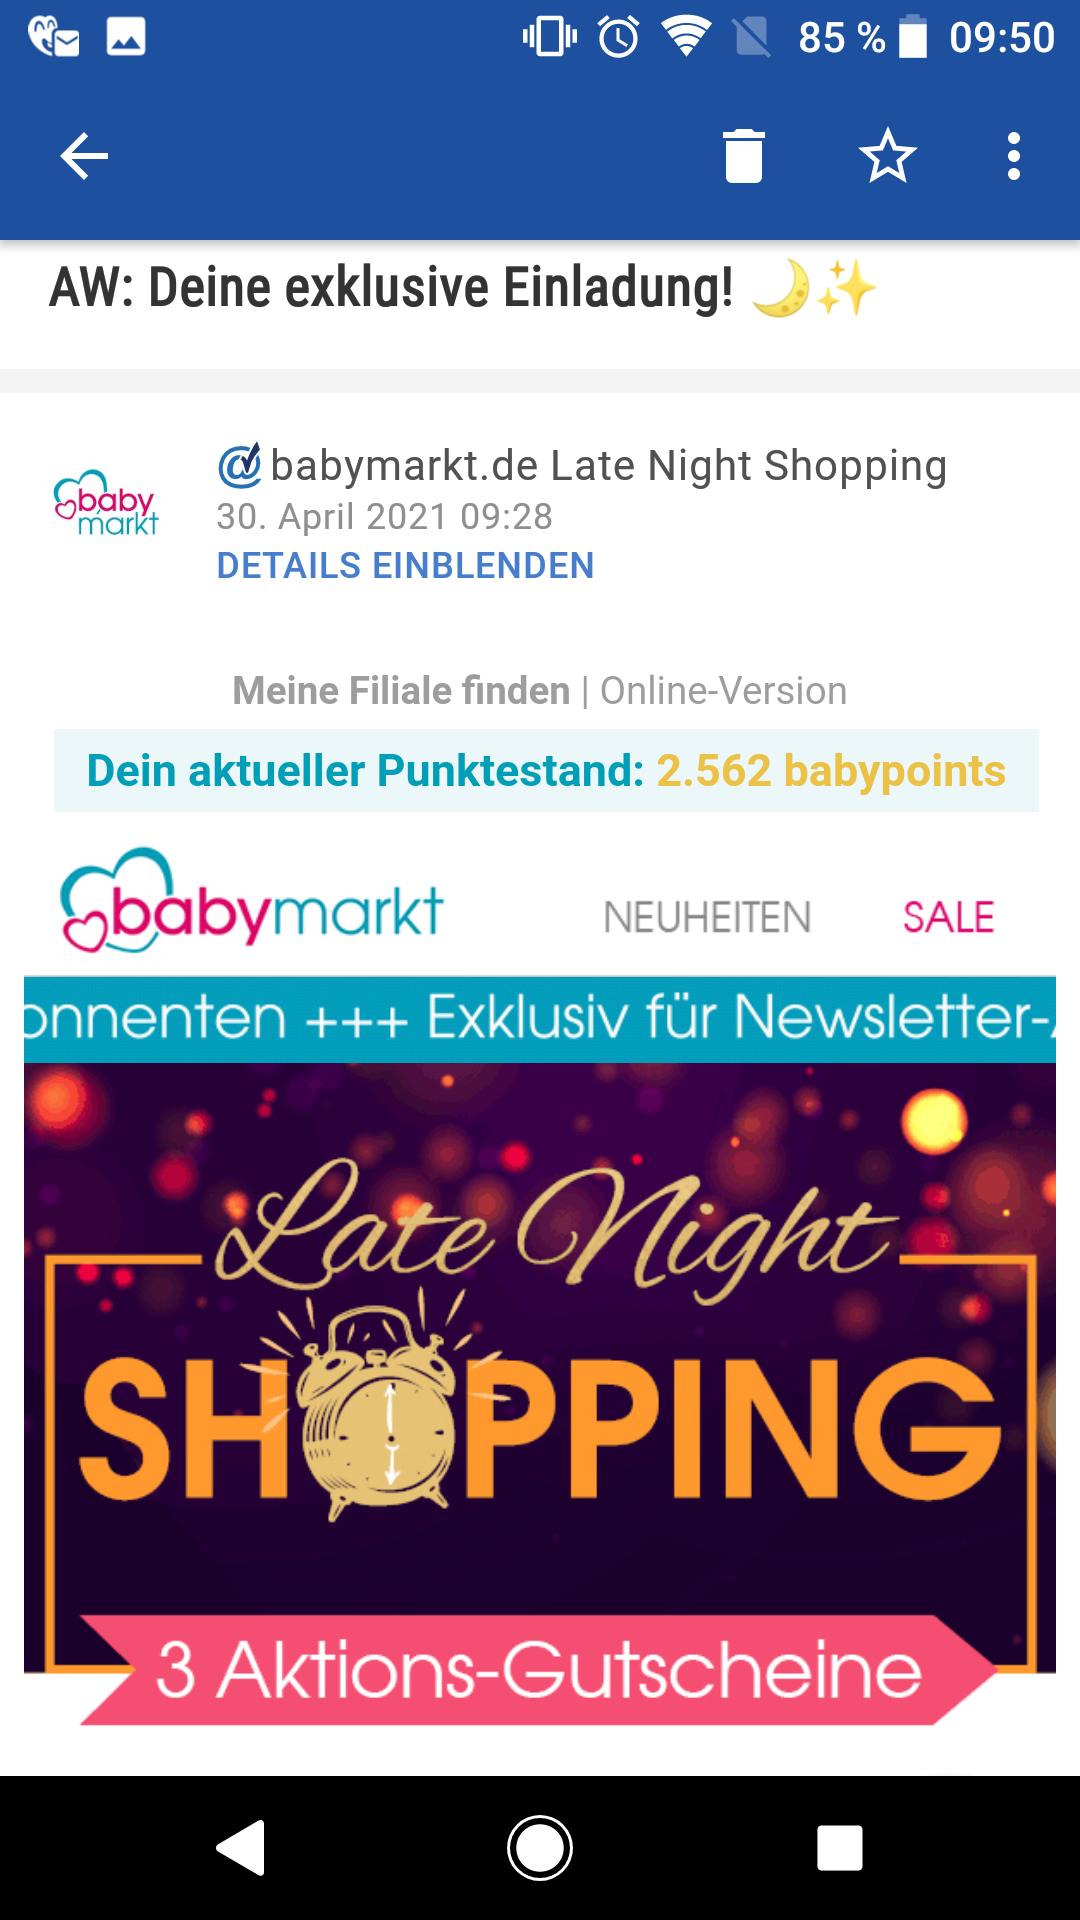 ENDSPURT, NUR HEUTE! Babymarkt 16,66% Rabatt möglich late night Shopping MBW 180 Euro